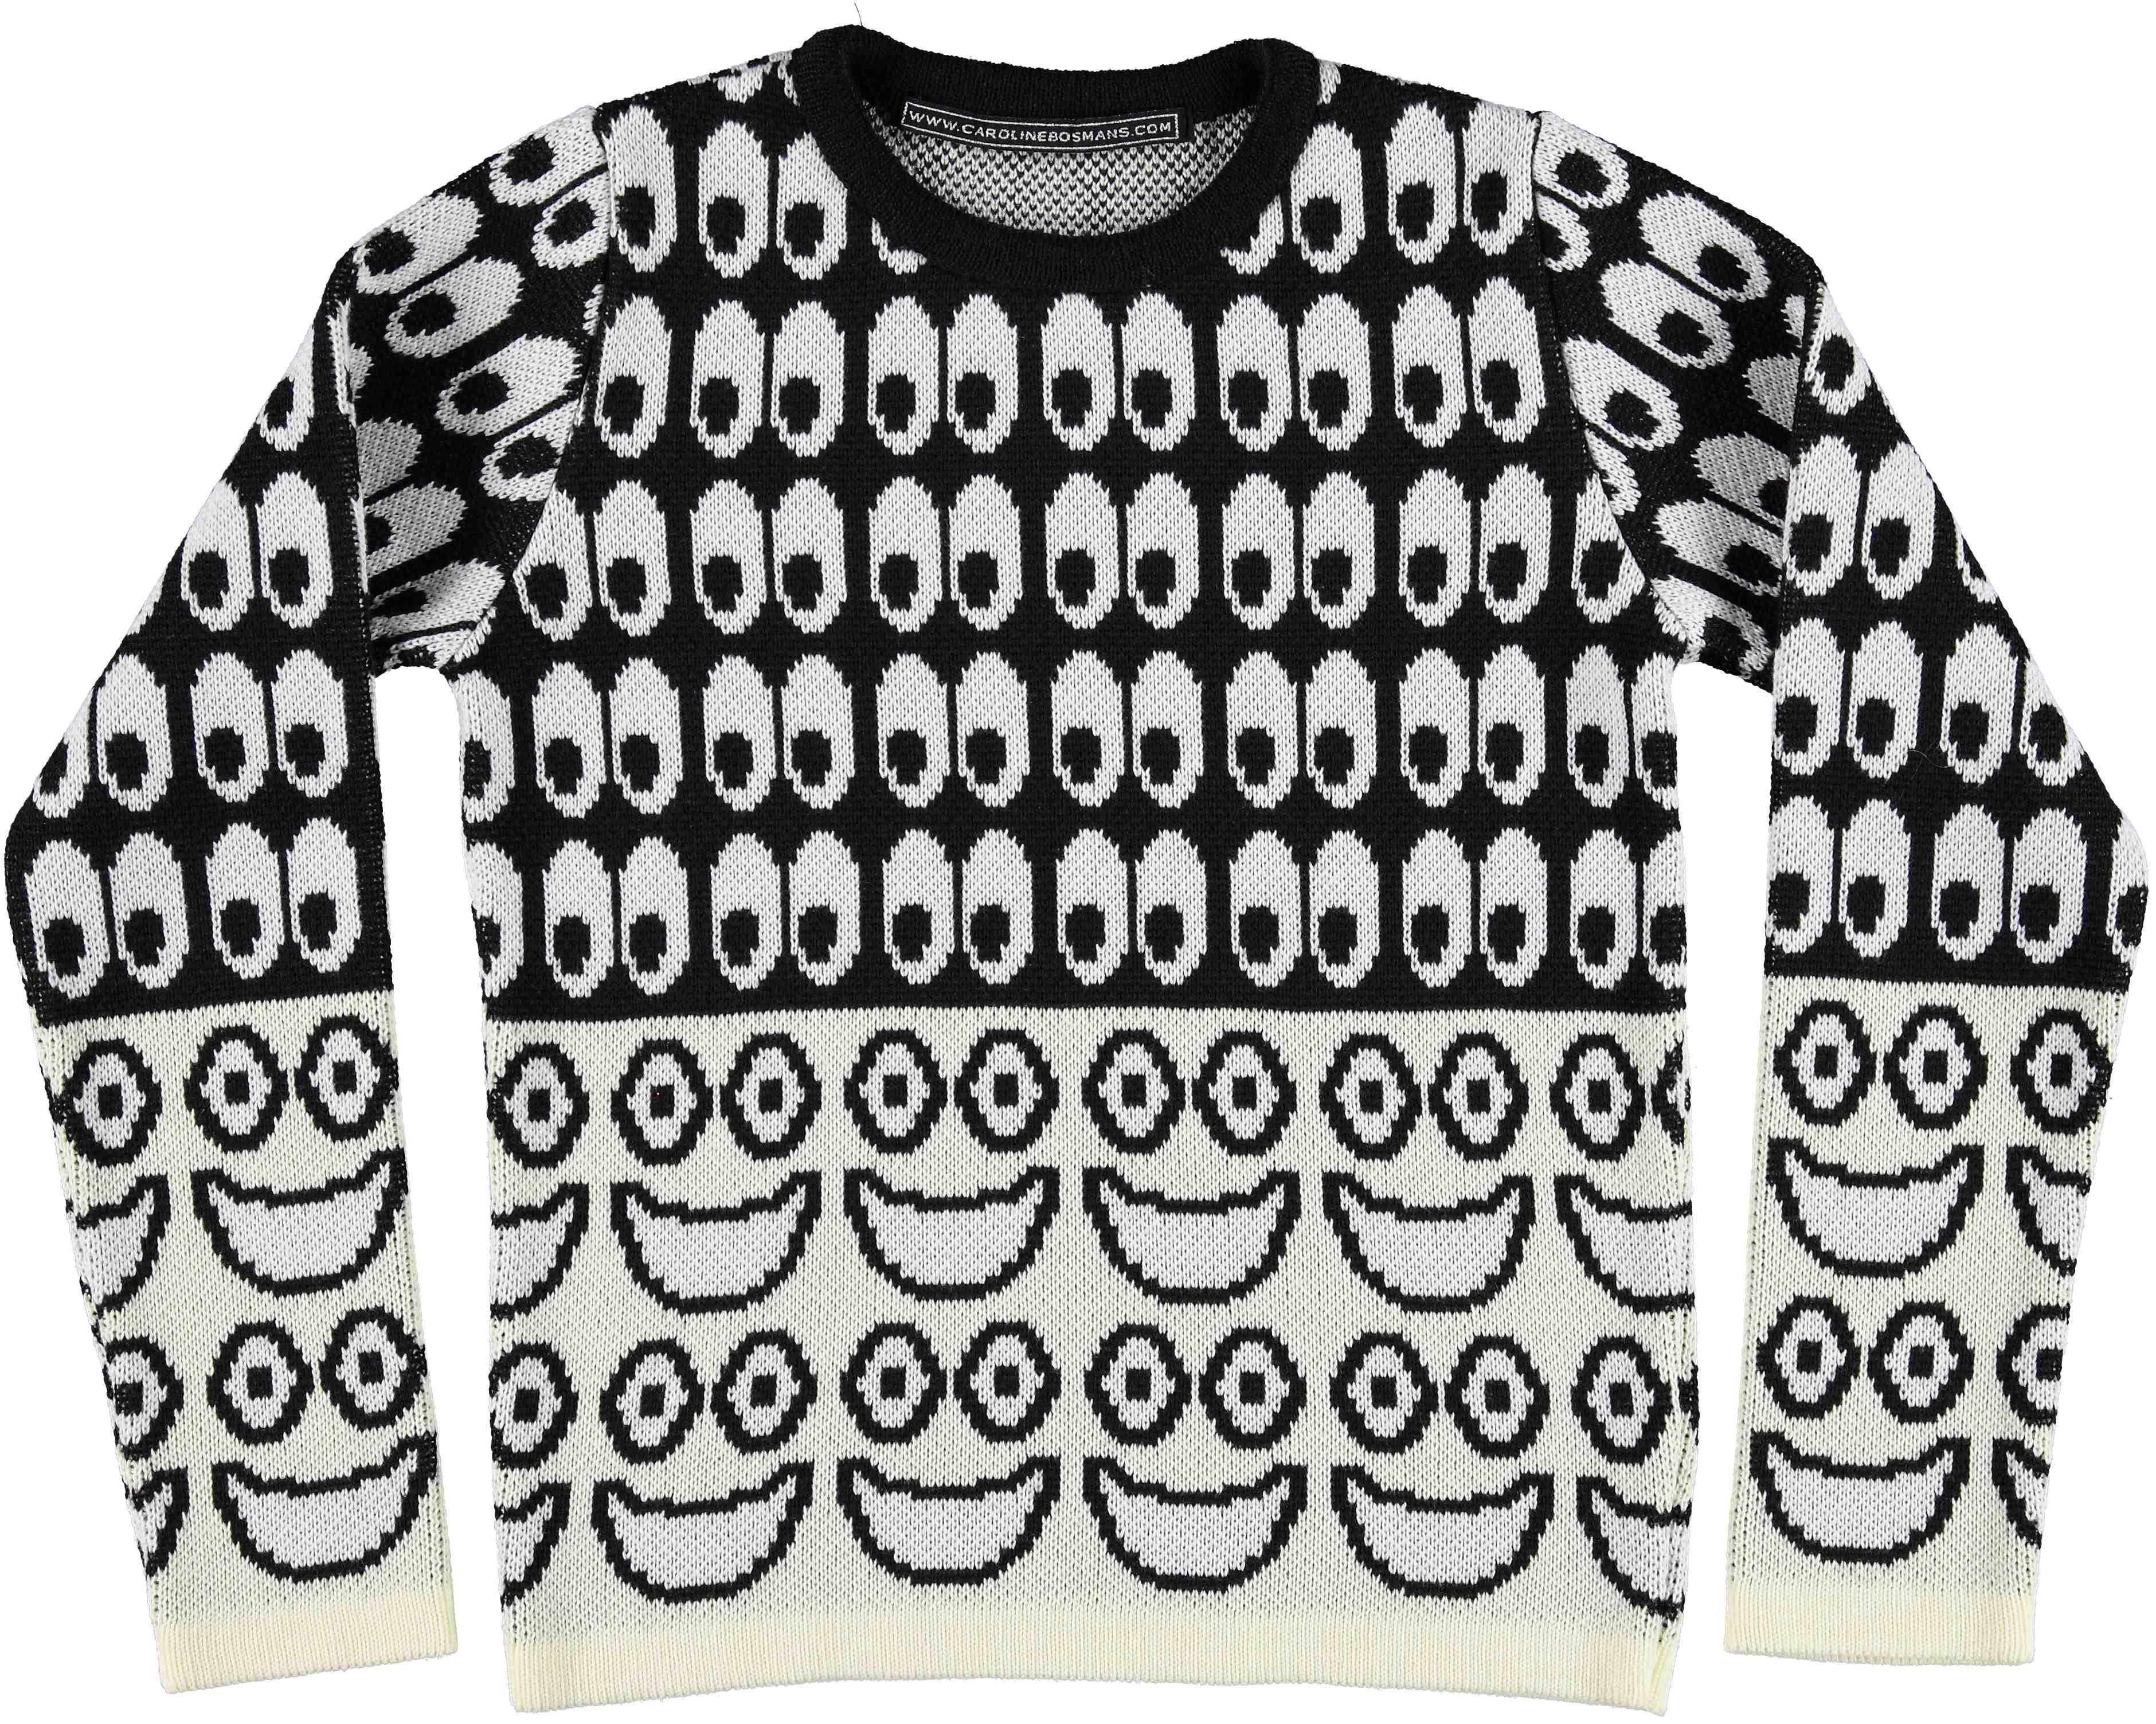 Caroline Bosmans Tragic Error Knit Sweater RRP: $172 -http://www.minismalls.com